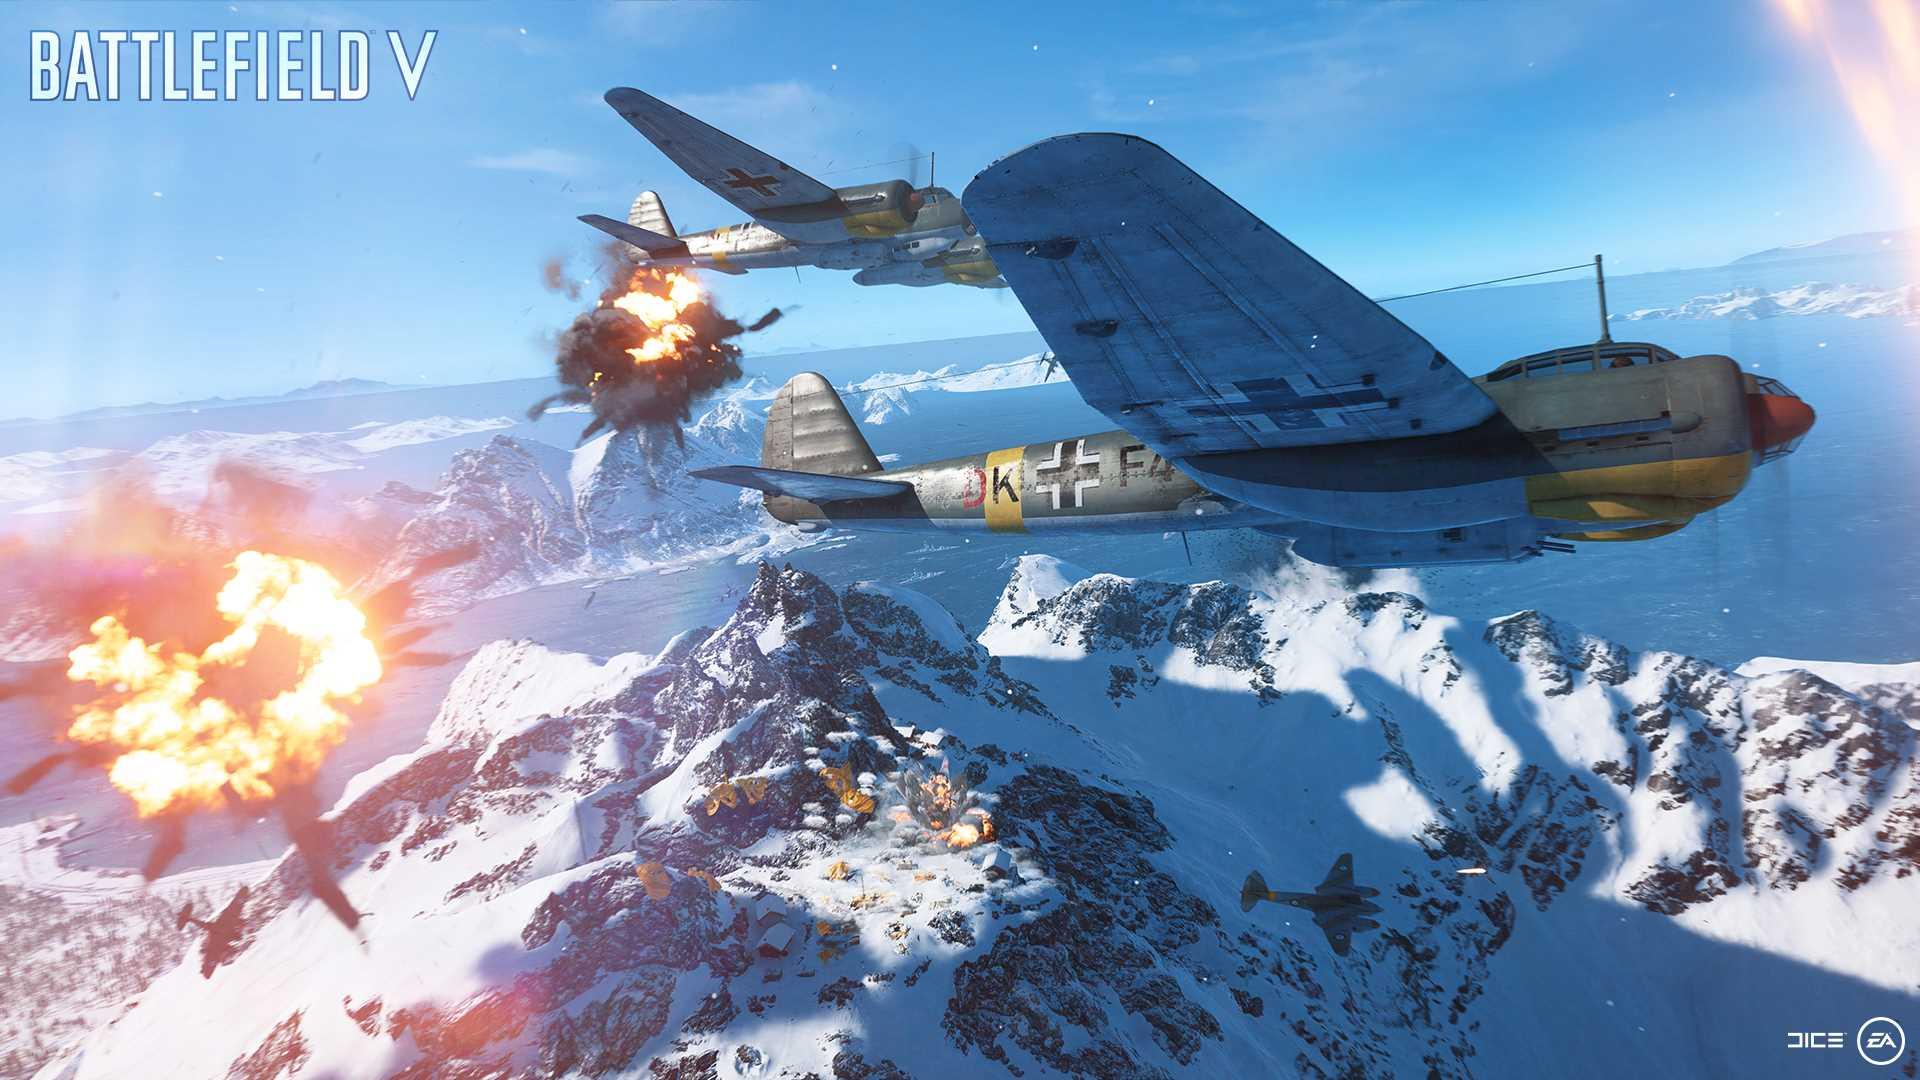 На иллюстрации изображена сцена из игры Battlefield V: бомбардировщик в сопровождении истребителя пролетает над горным кряжем под огнём зенитных орудий